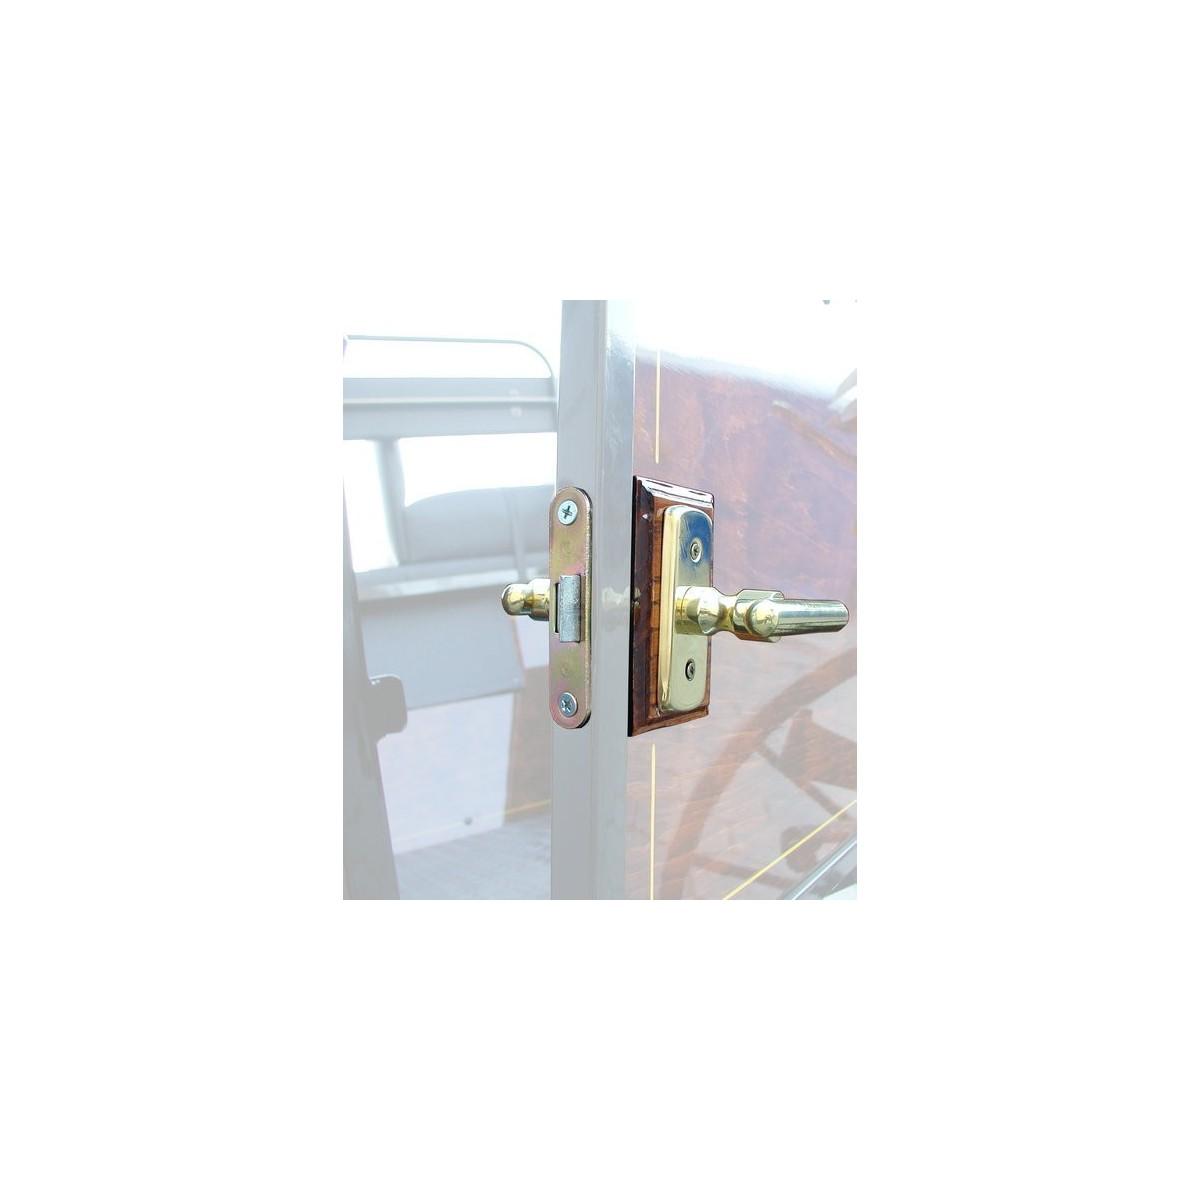 poign e avec serrure pour caleche et voiture attelage hippomobile type de l 39 acier chrome poli. Black Bedroom Furniture Sets. Home Design Ideas